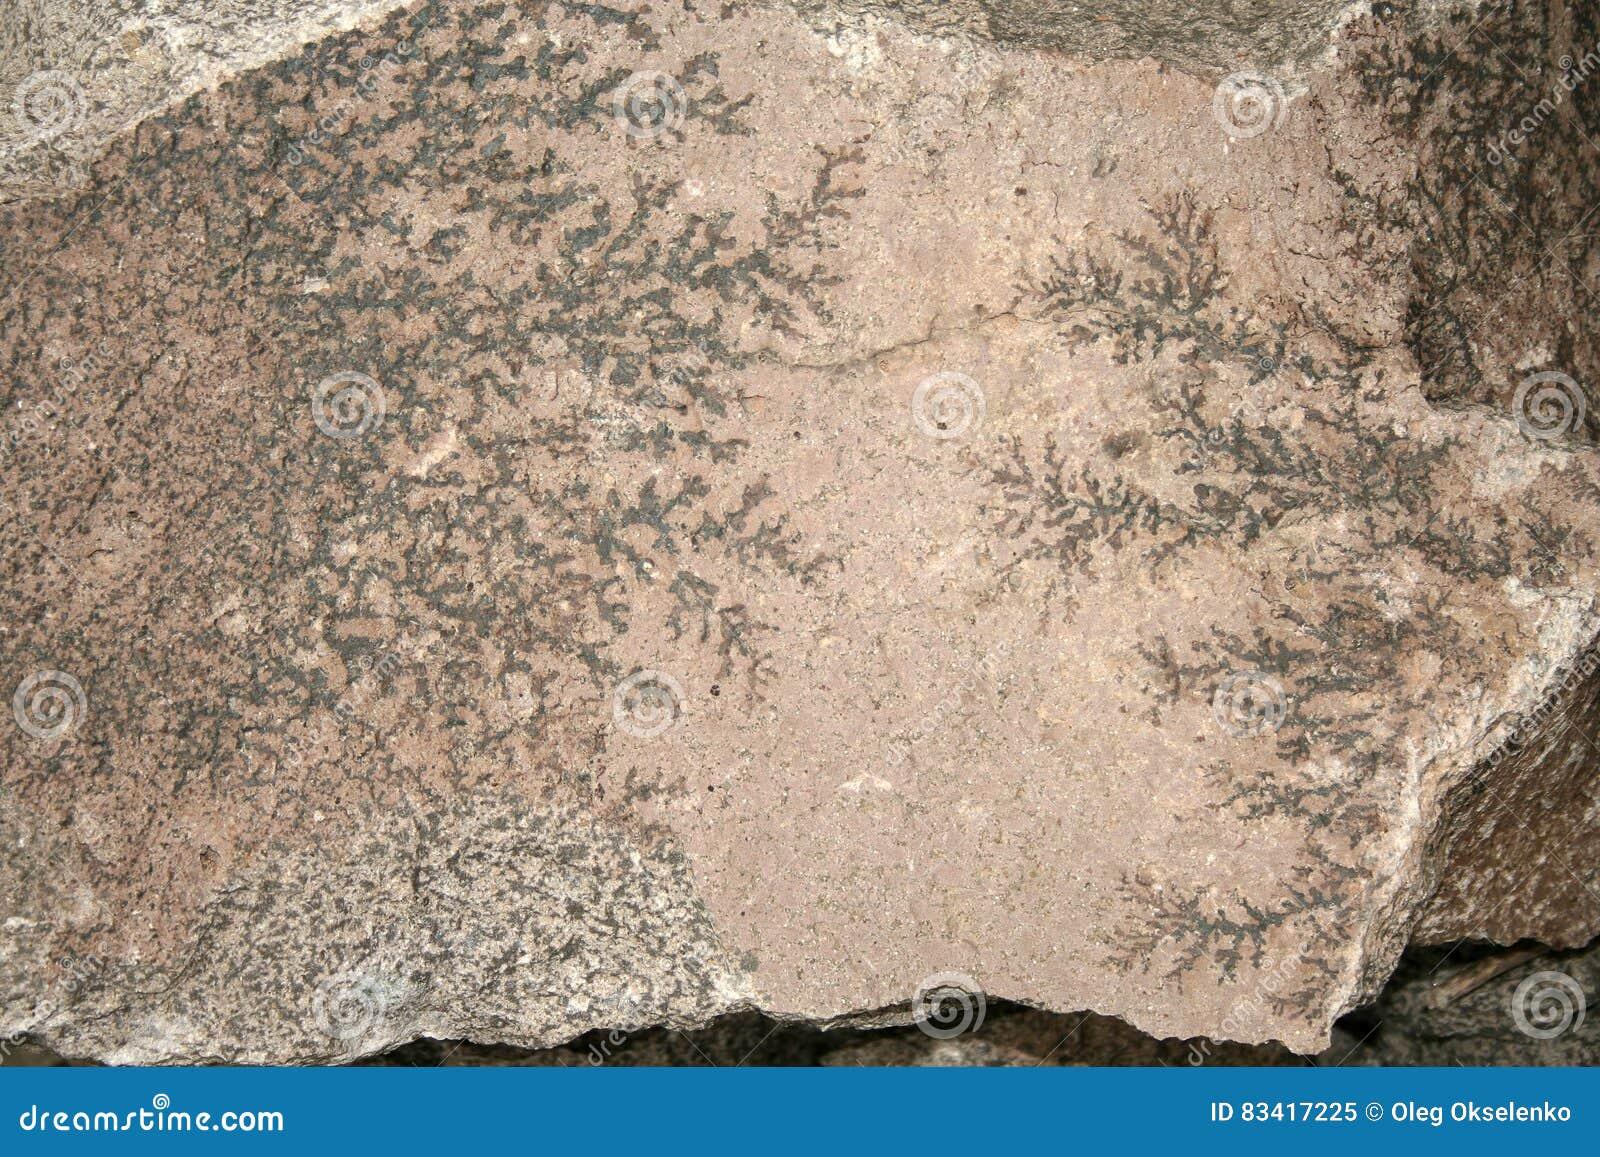 Planta Fósil La Impresión De Una Hoja Prehistórica En La